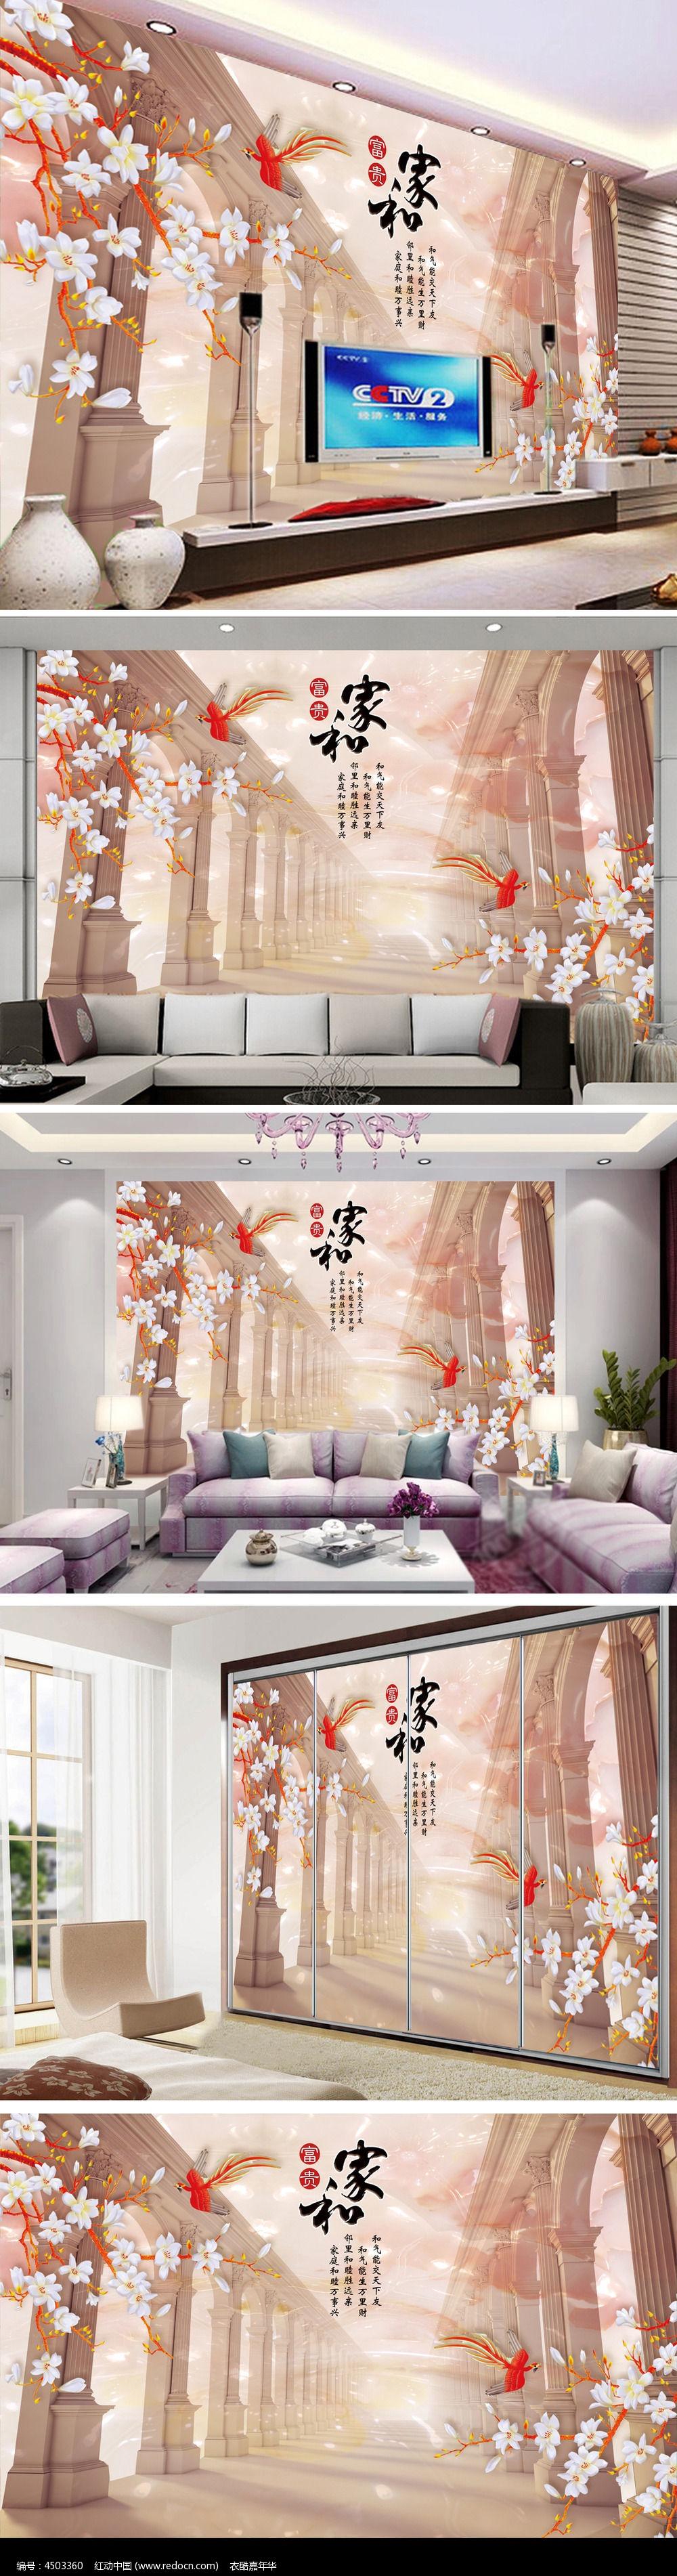 欧式罗马柱玫瑰电视背景墙psd素材下载